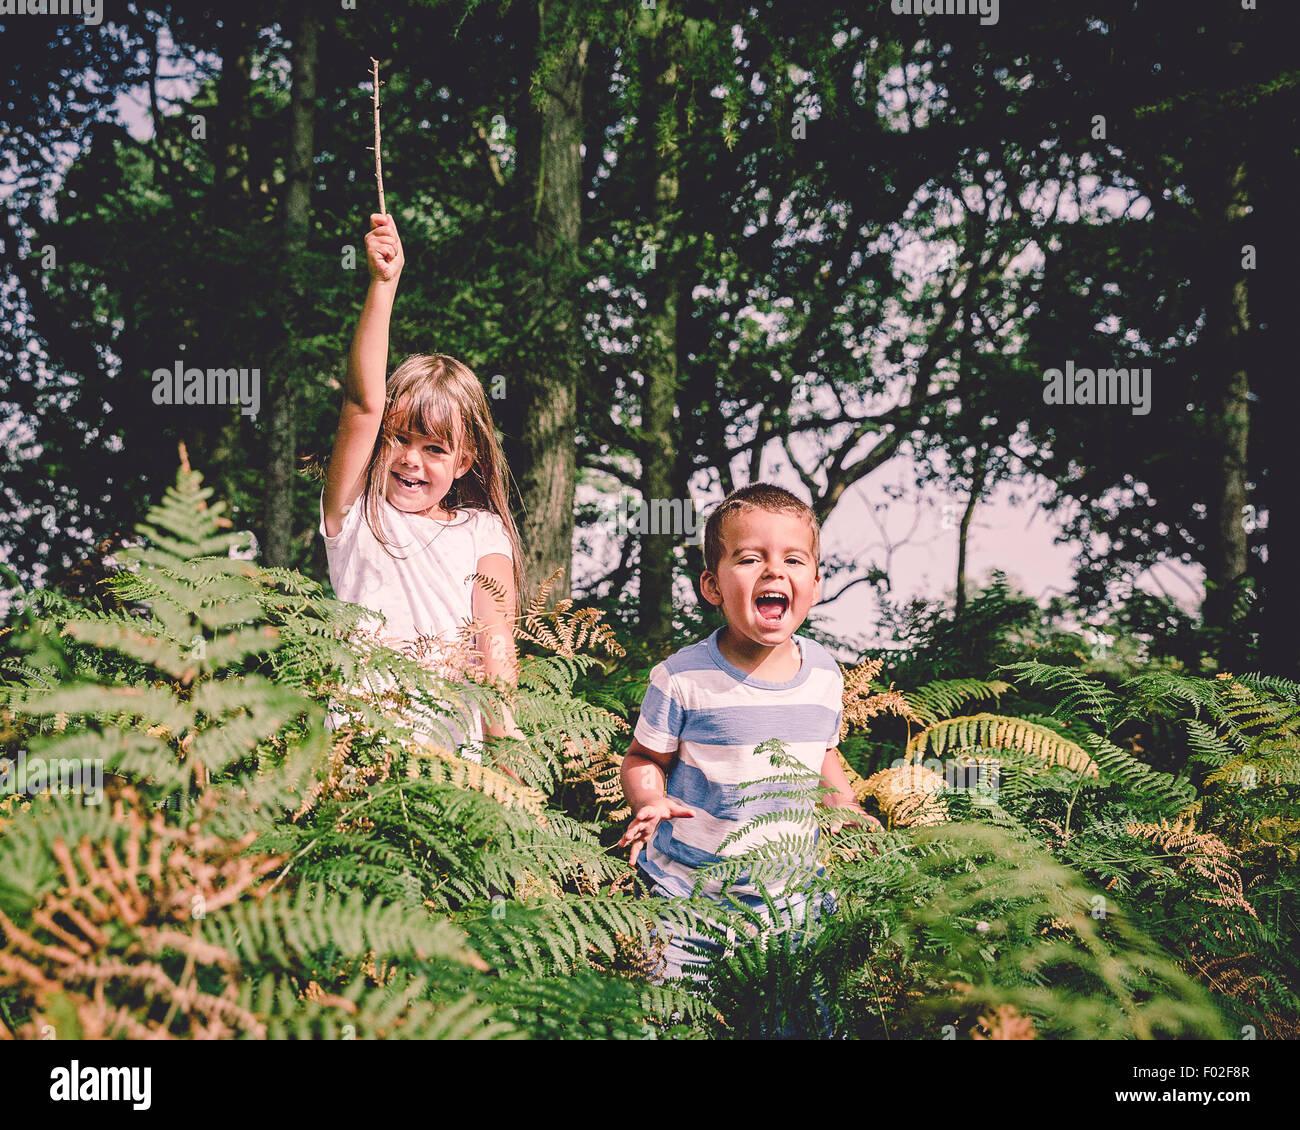 Dos niños felices saltando desde detrás de los helechos del bosque Imagen De Stock